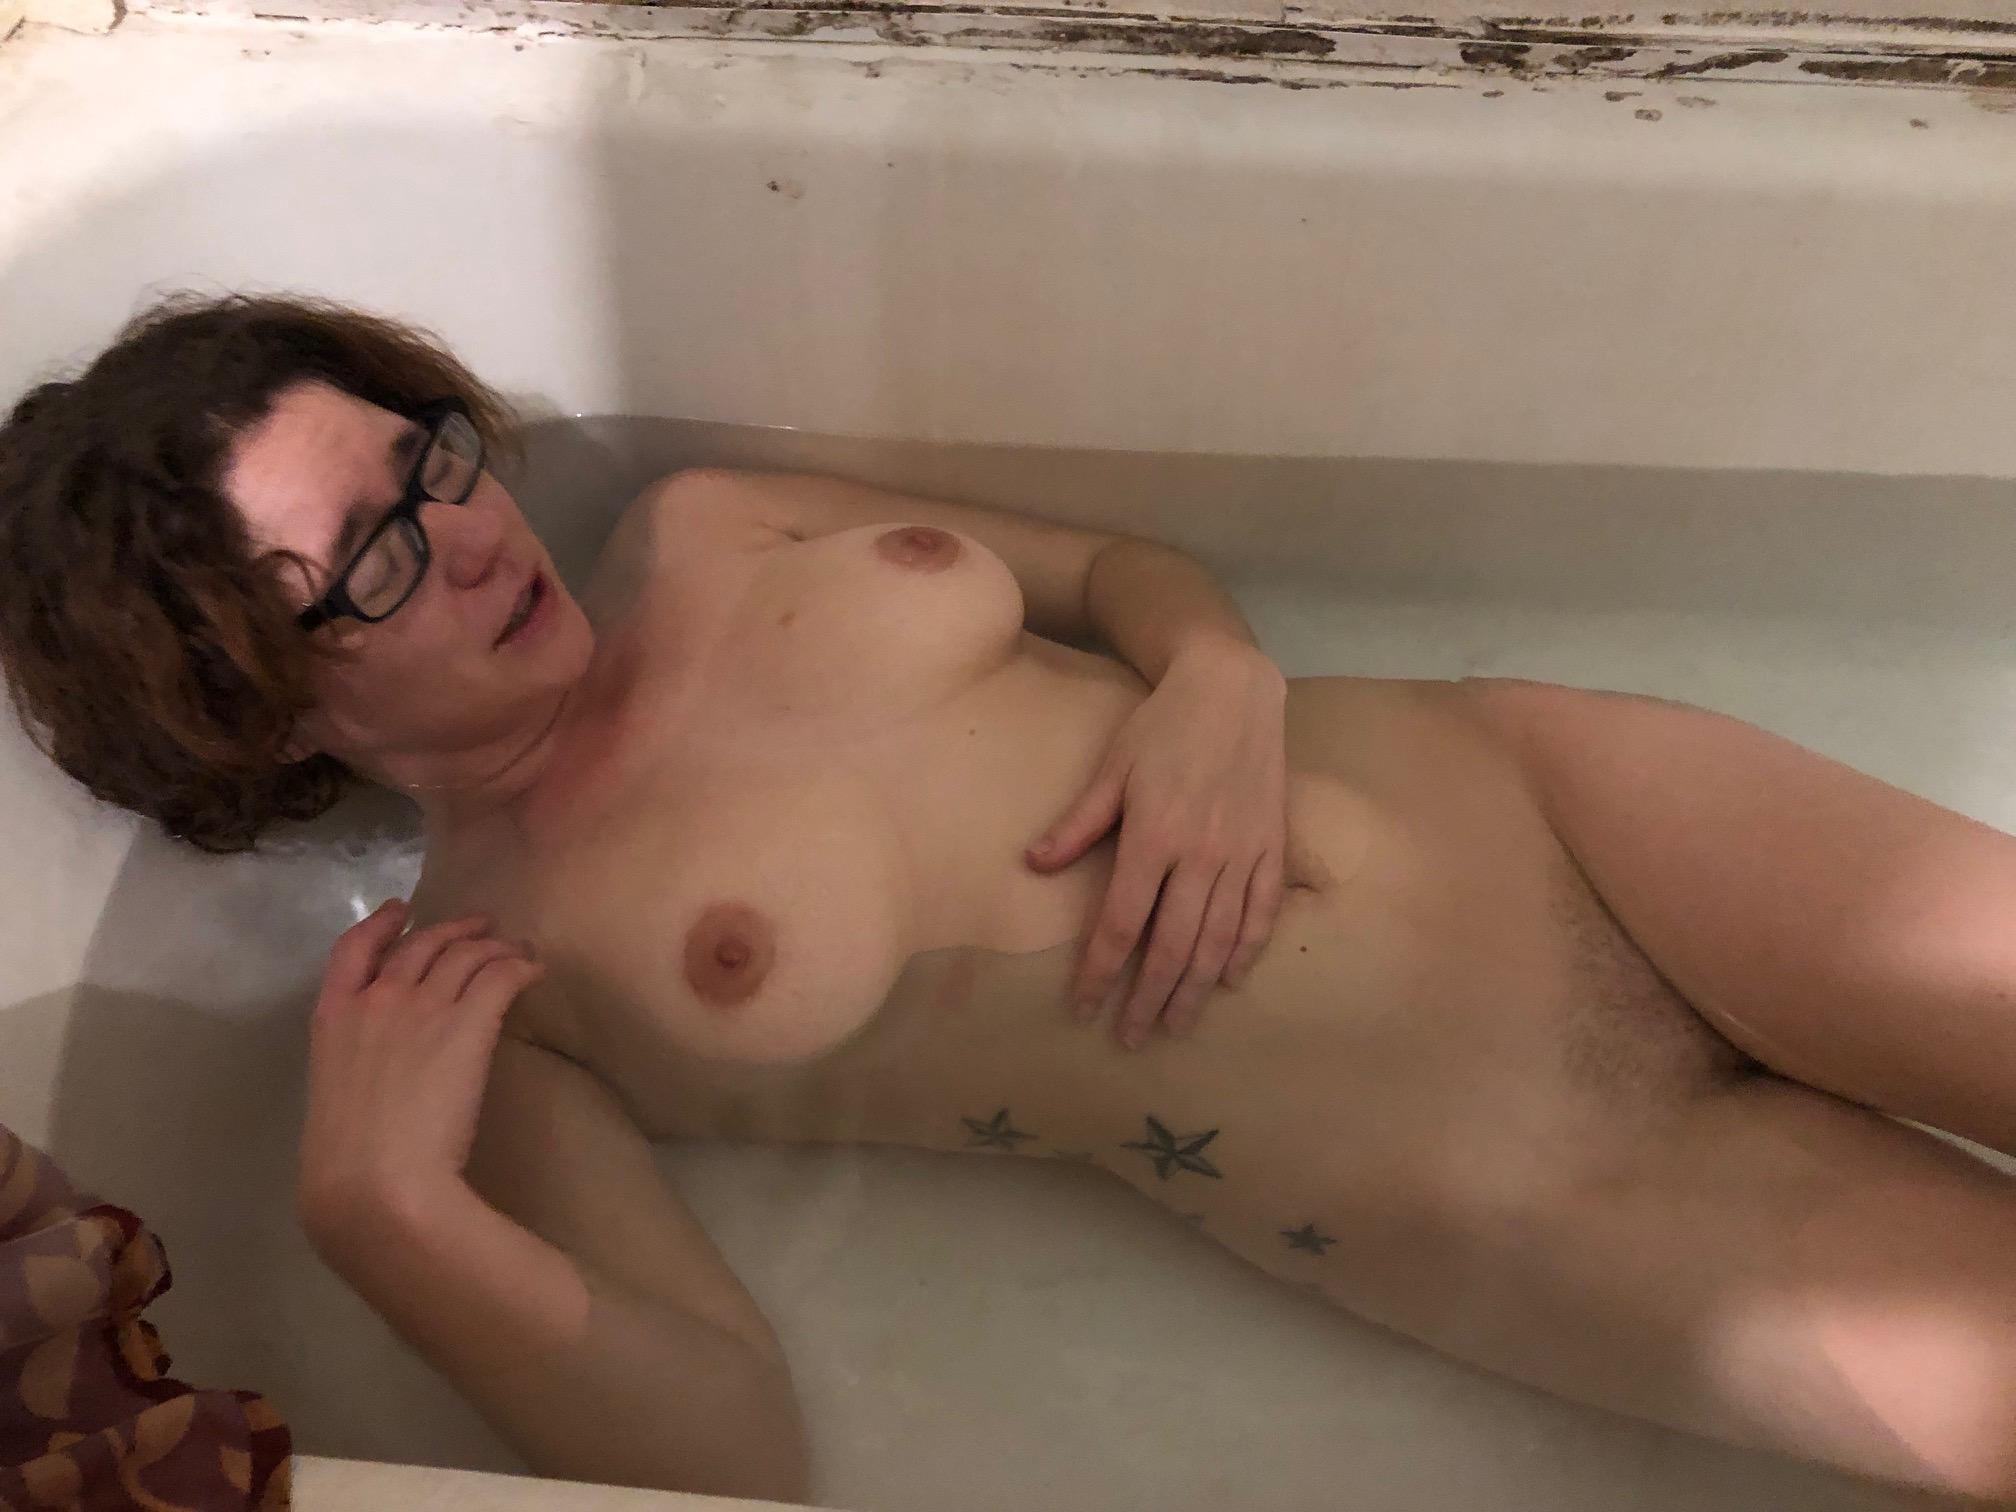 Teen Pornographic